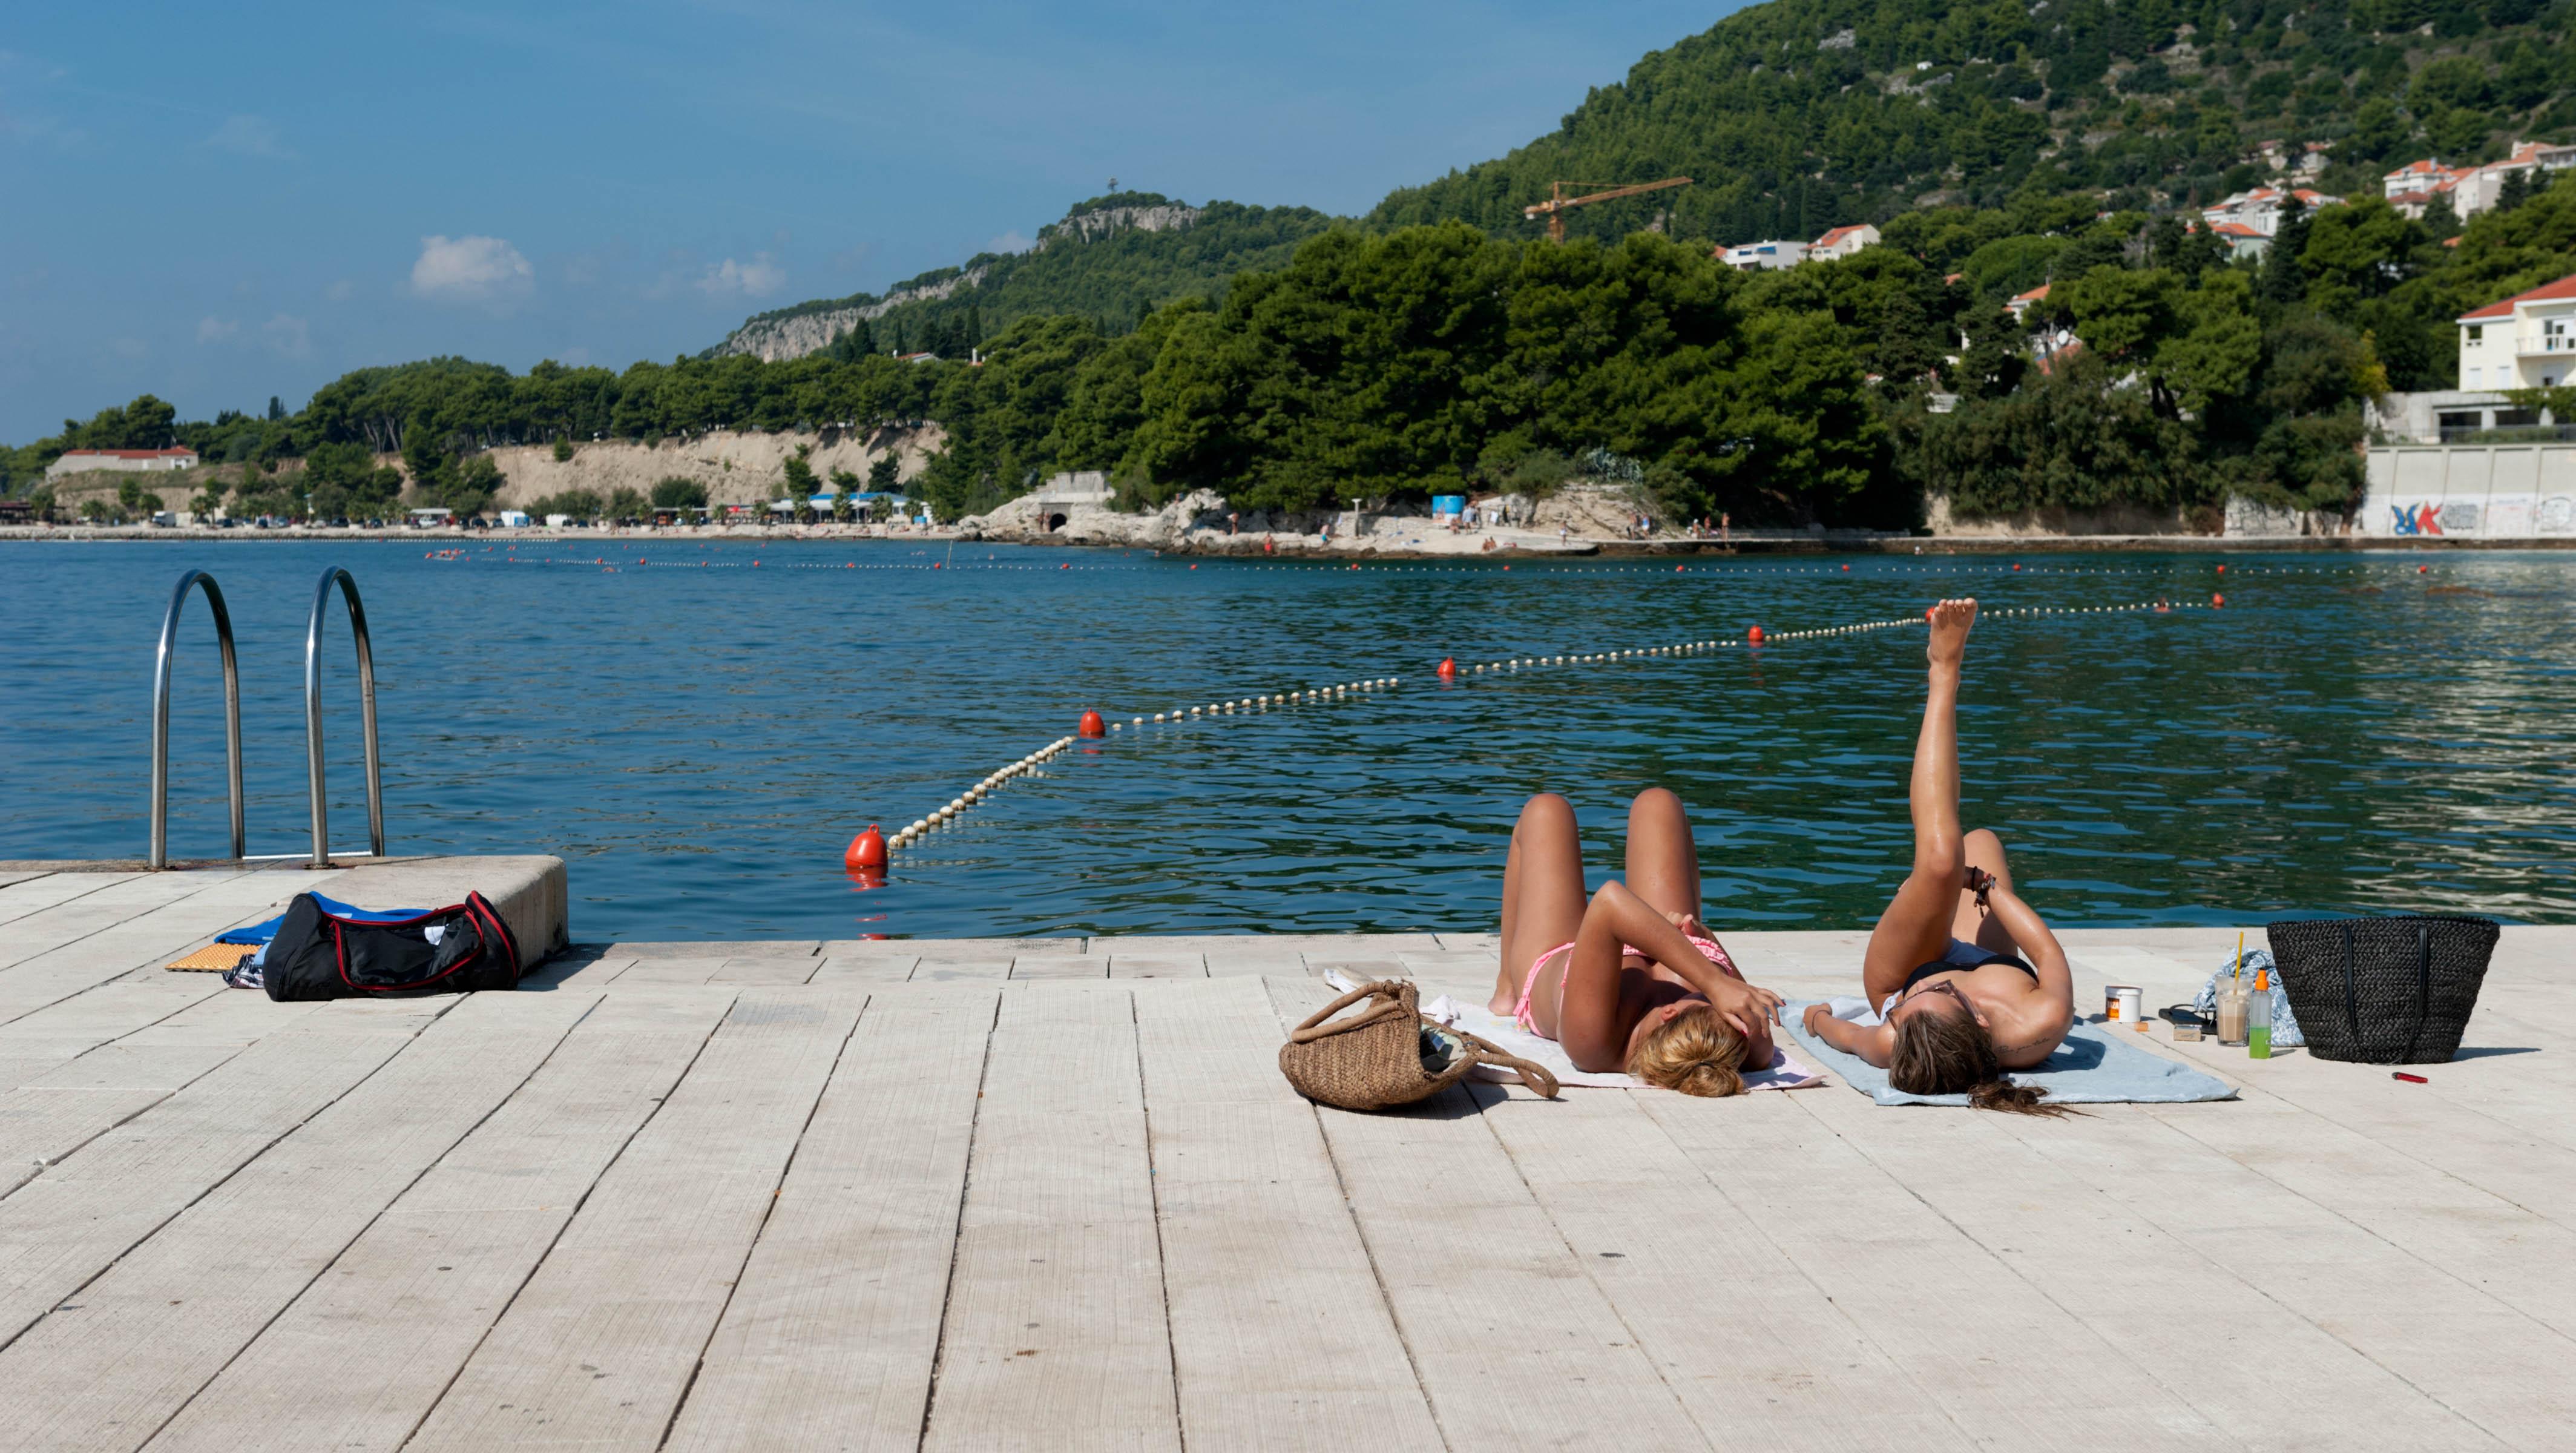 0437-Split - Jadran Balunjeri club house (Dalmatie centrale)